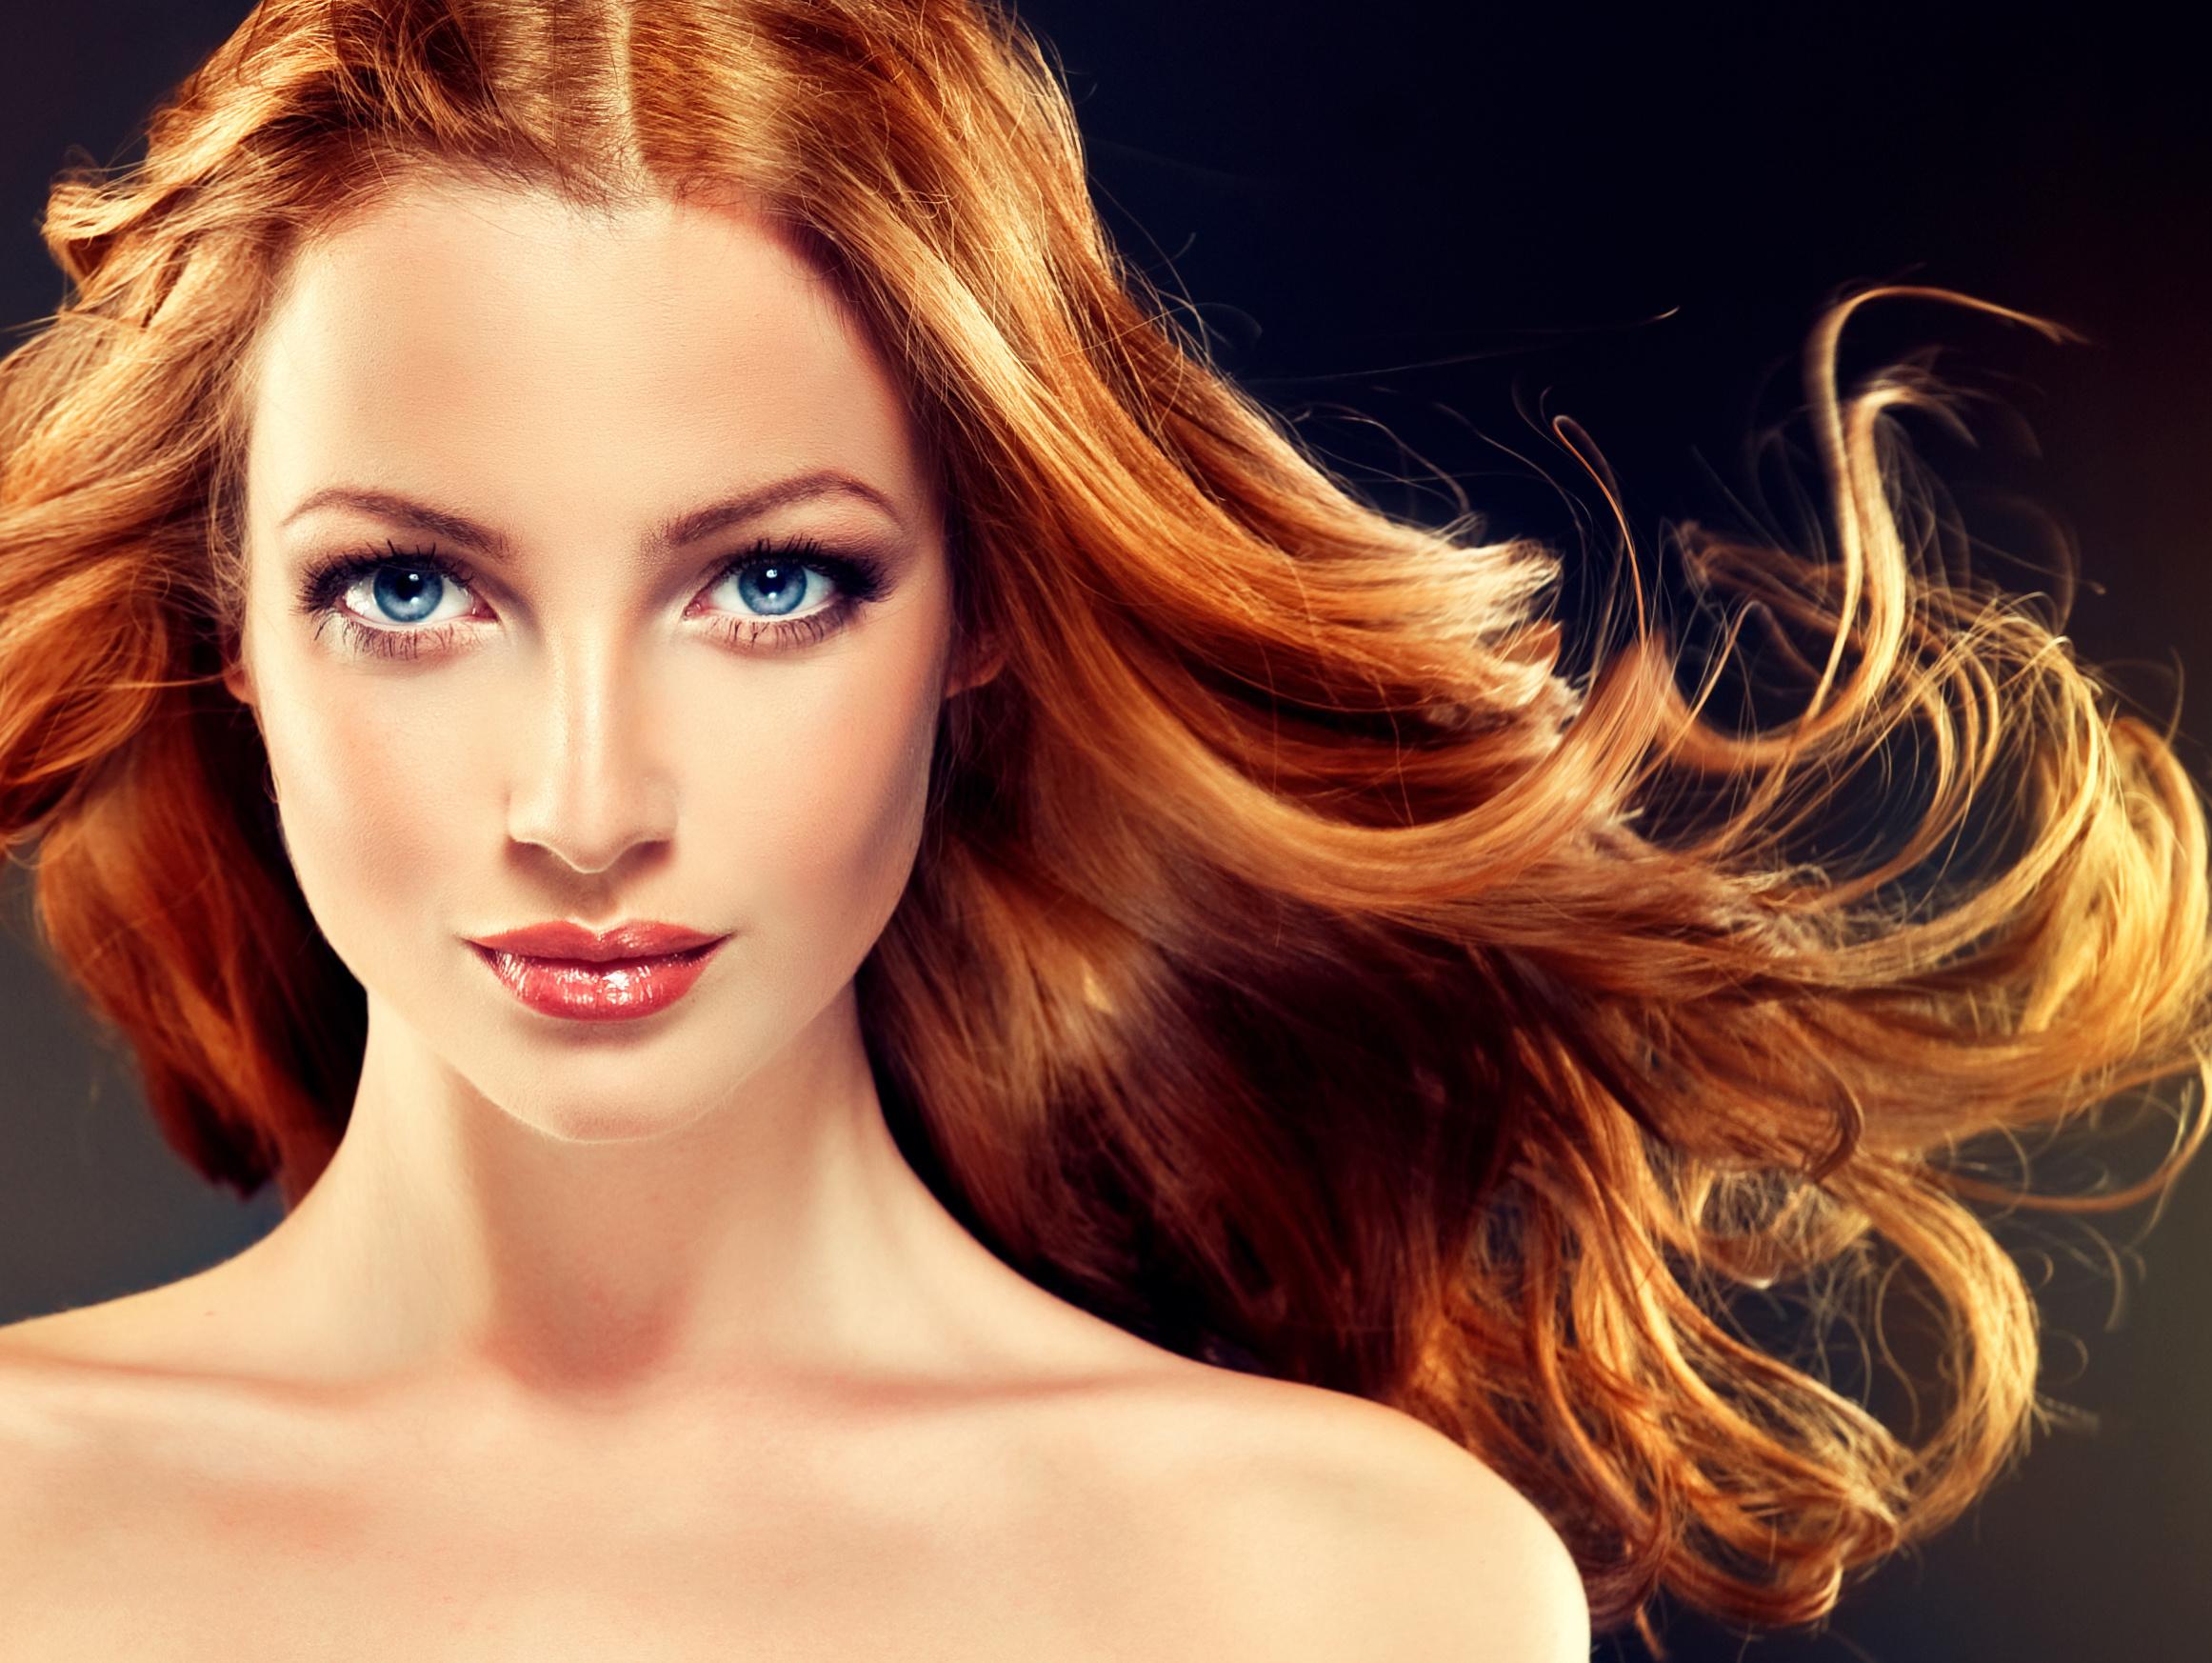 Couleur cheveux femme fatale